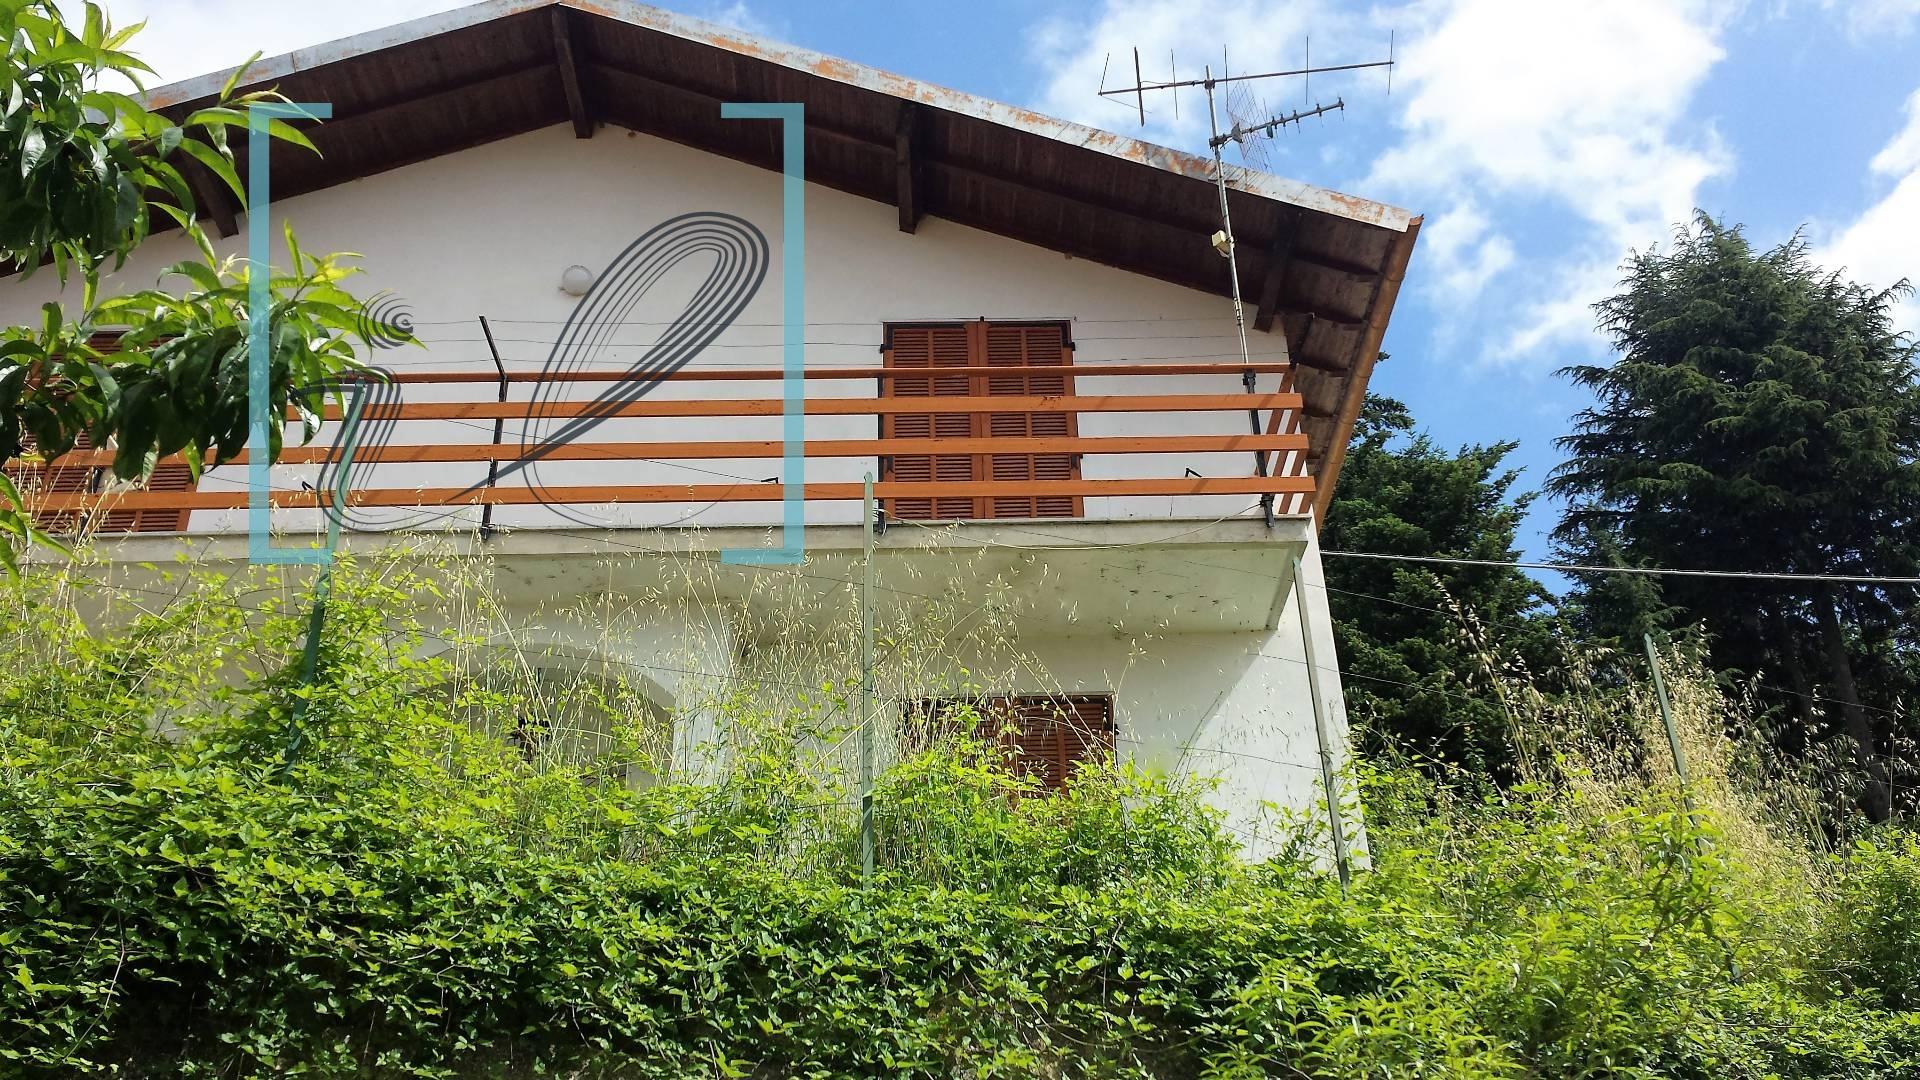 Soluzione Indipendente in vendita a Borghetto d'Arroscia, 4 locali, prezzo € 70.000 | CambioCasa.it